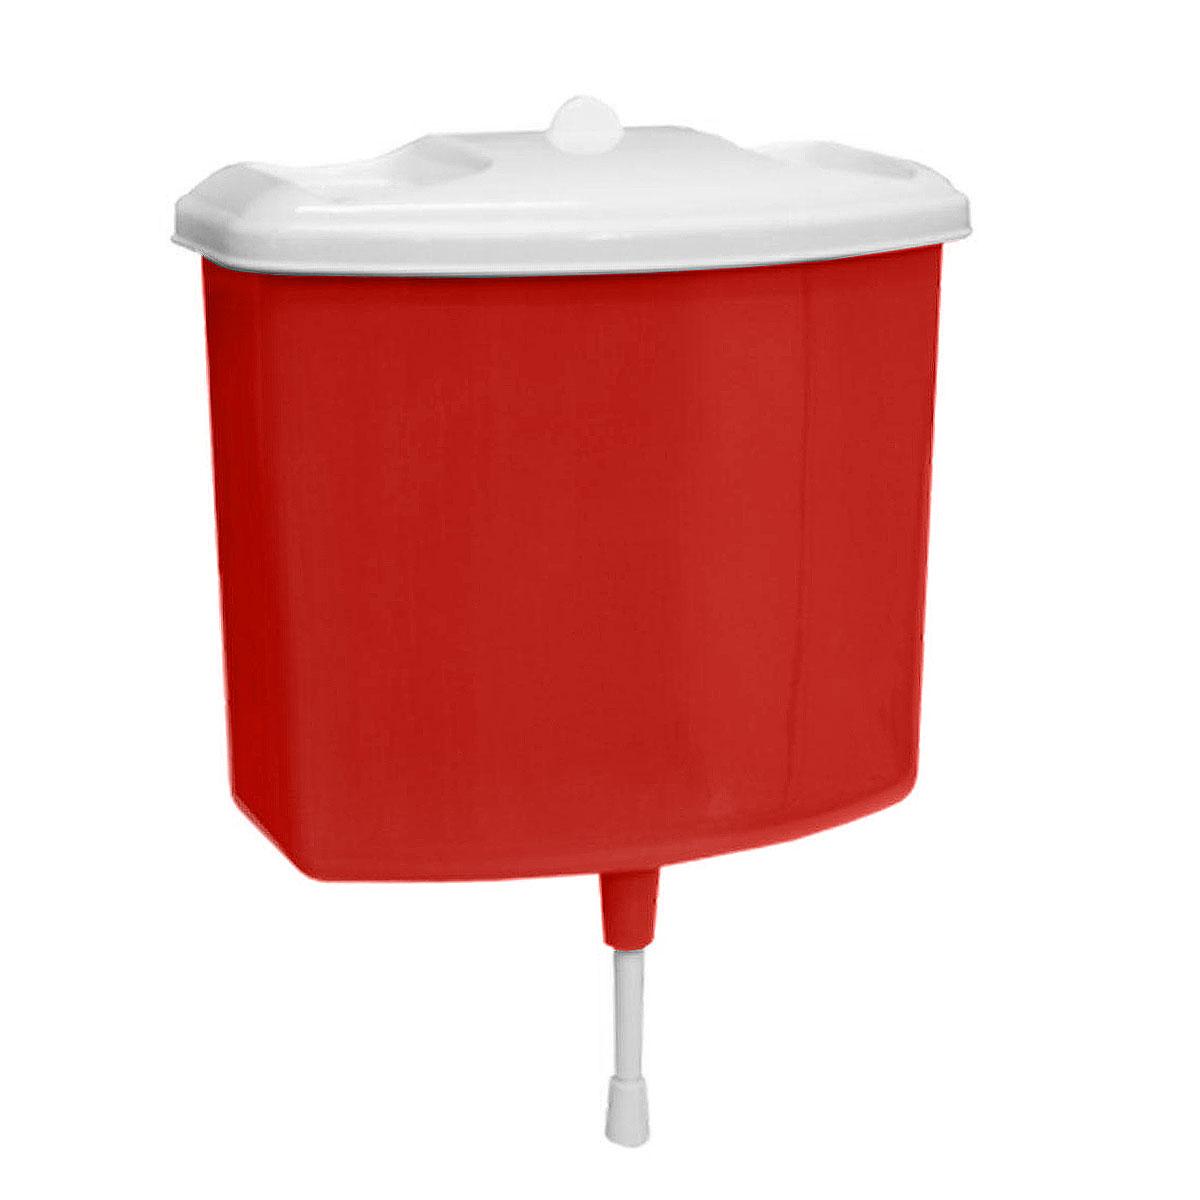 Рукомойник Альтернатива, цвет: красный, 5 лM367красныйРукомойник Альтернатива изготовлен из пластика. Он предназначен для умывания в саду или на даче. Яркий и красочный, он отлично впишется в окружающую обстановку. Петли предоставляют вертикальное крепление рукомойника. Рукомойник оснащен крышкой, которая предотвращает попадание мусора. Также на крышке имеет две выемки для мыла. Рукомойник Альтернатива надежный и удобный в использовании.Размер рукомойника: 26,5 см х 15 см.Высота (без учета крышки): 23 см.